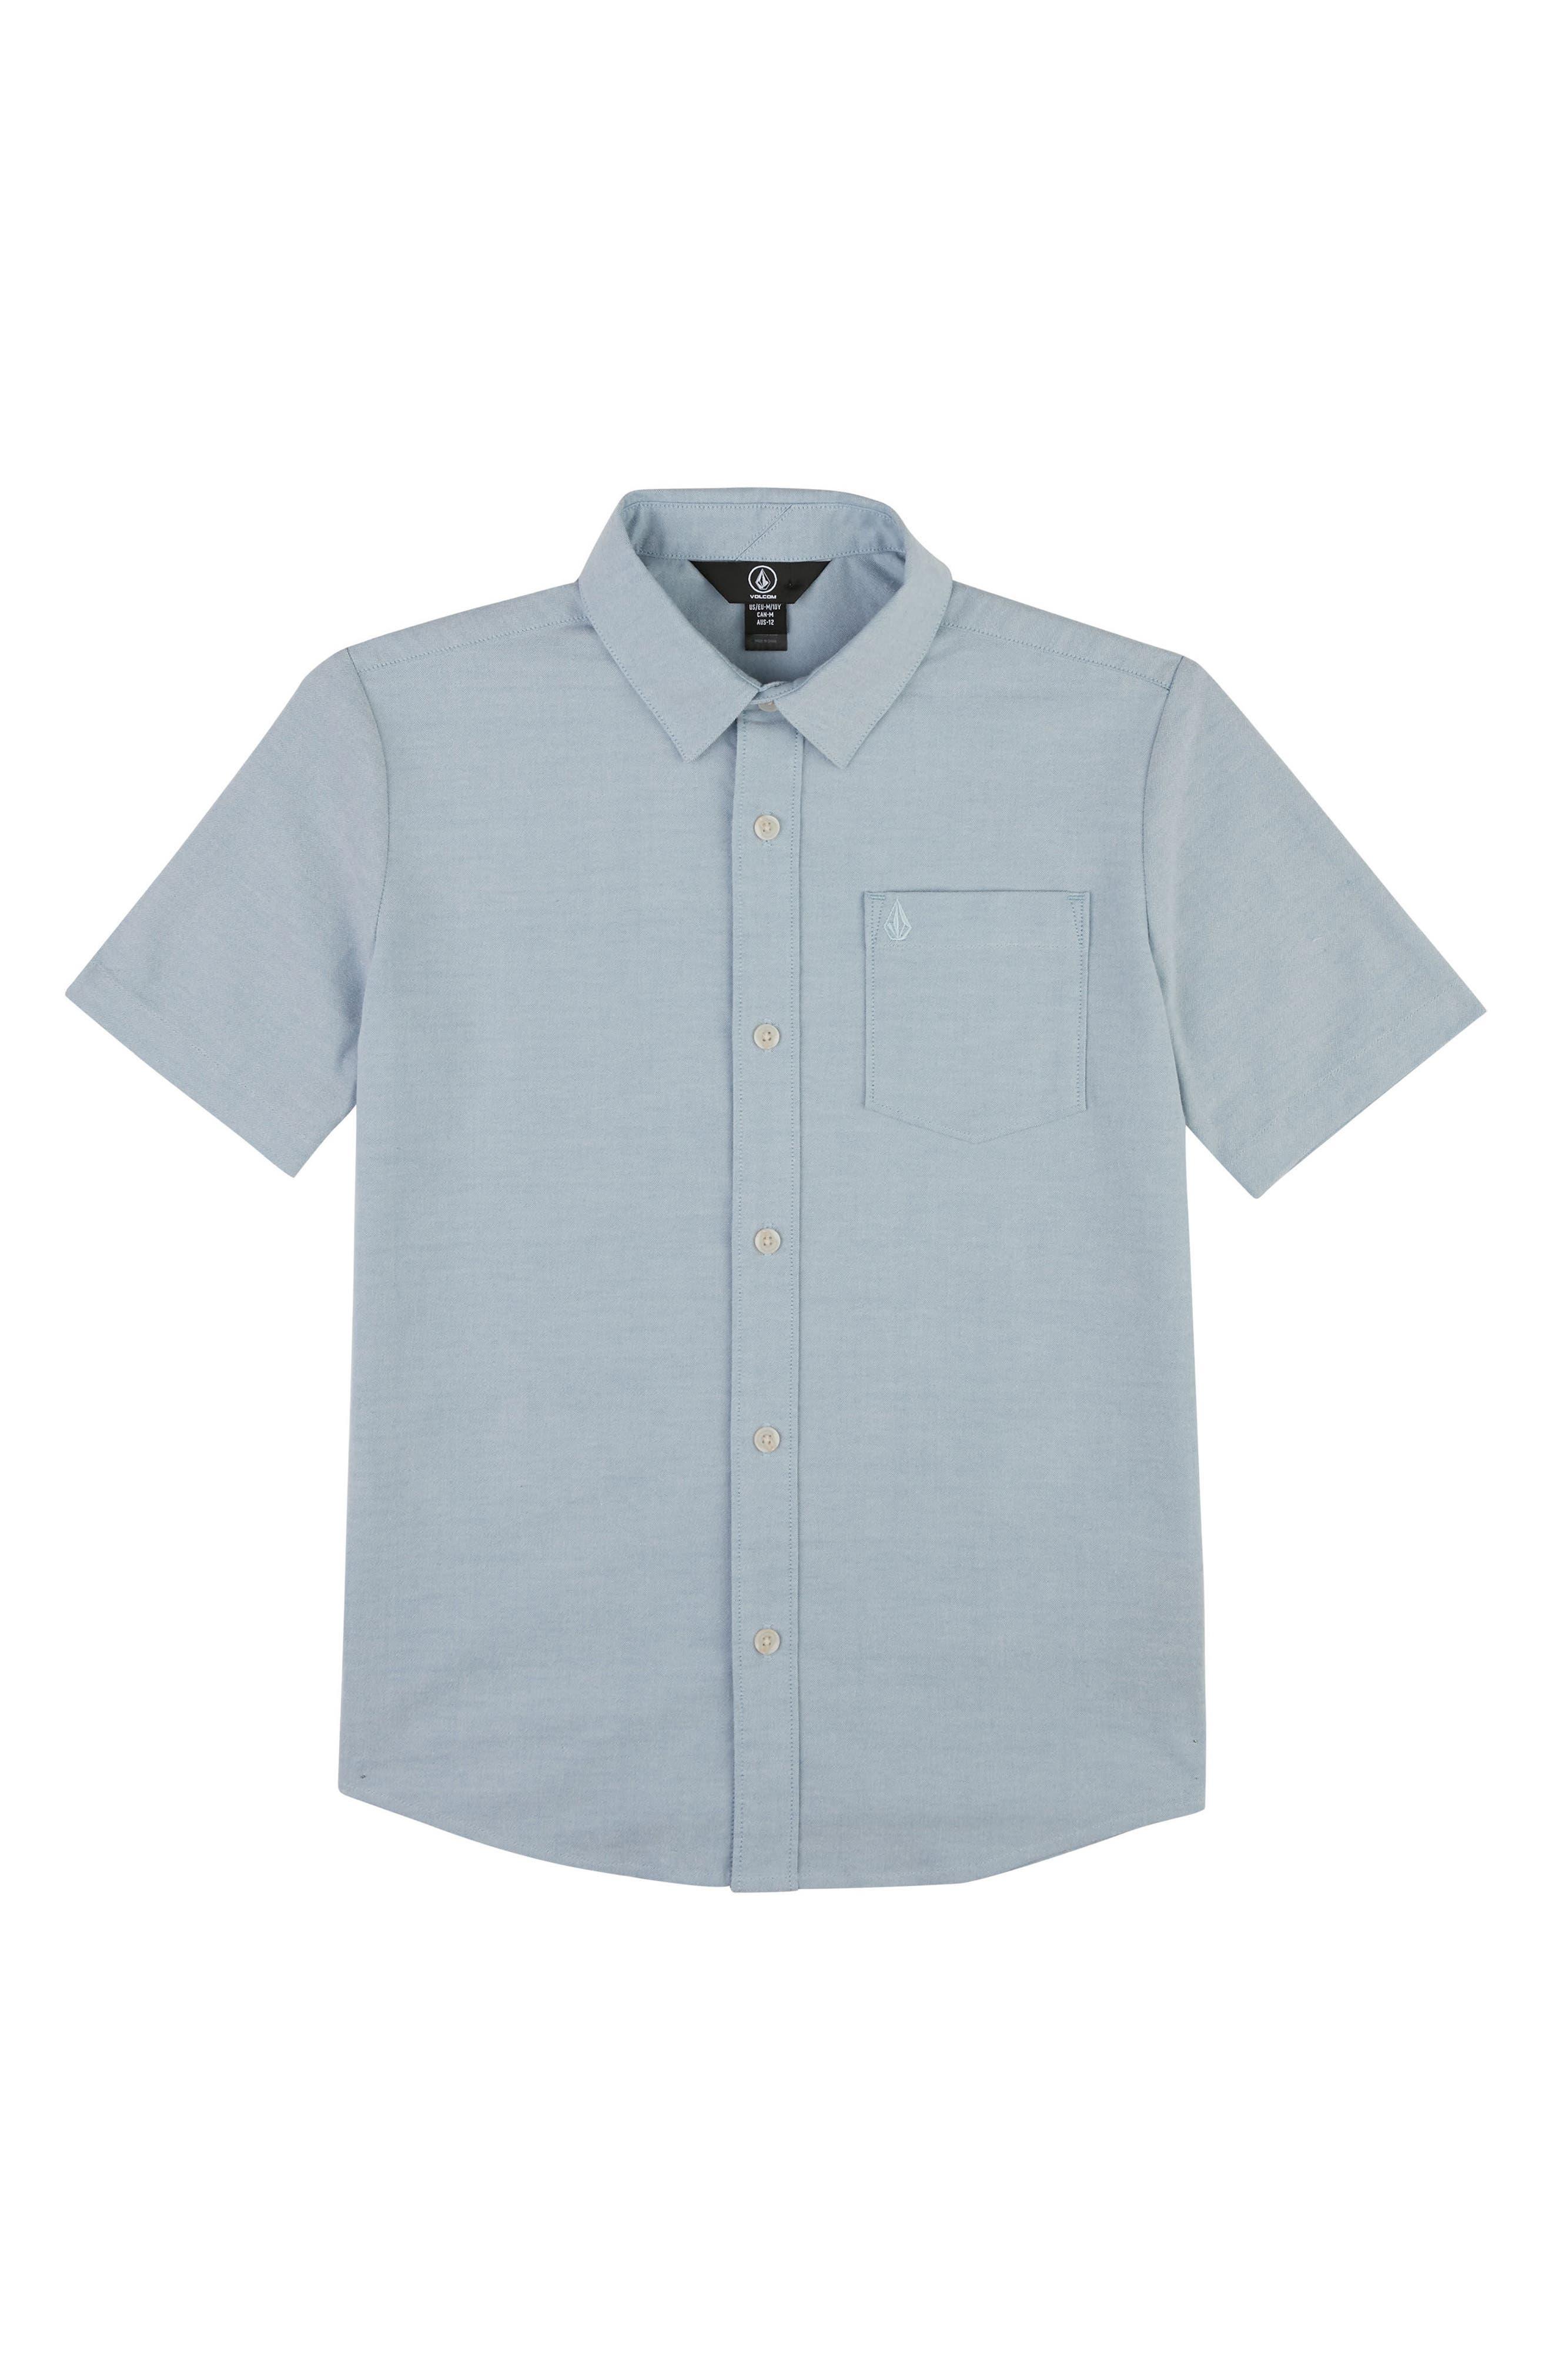 Everett Oxford Shirt,                         Main,                         color, WRECKED INDIGO